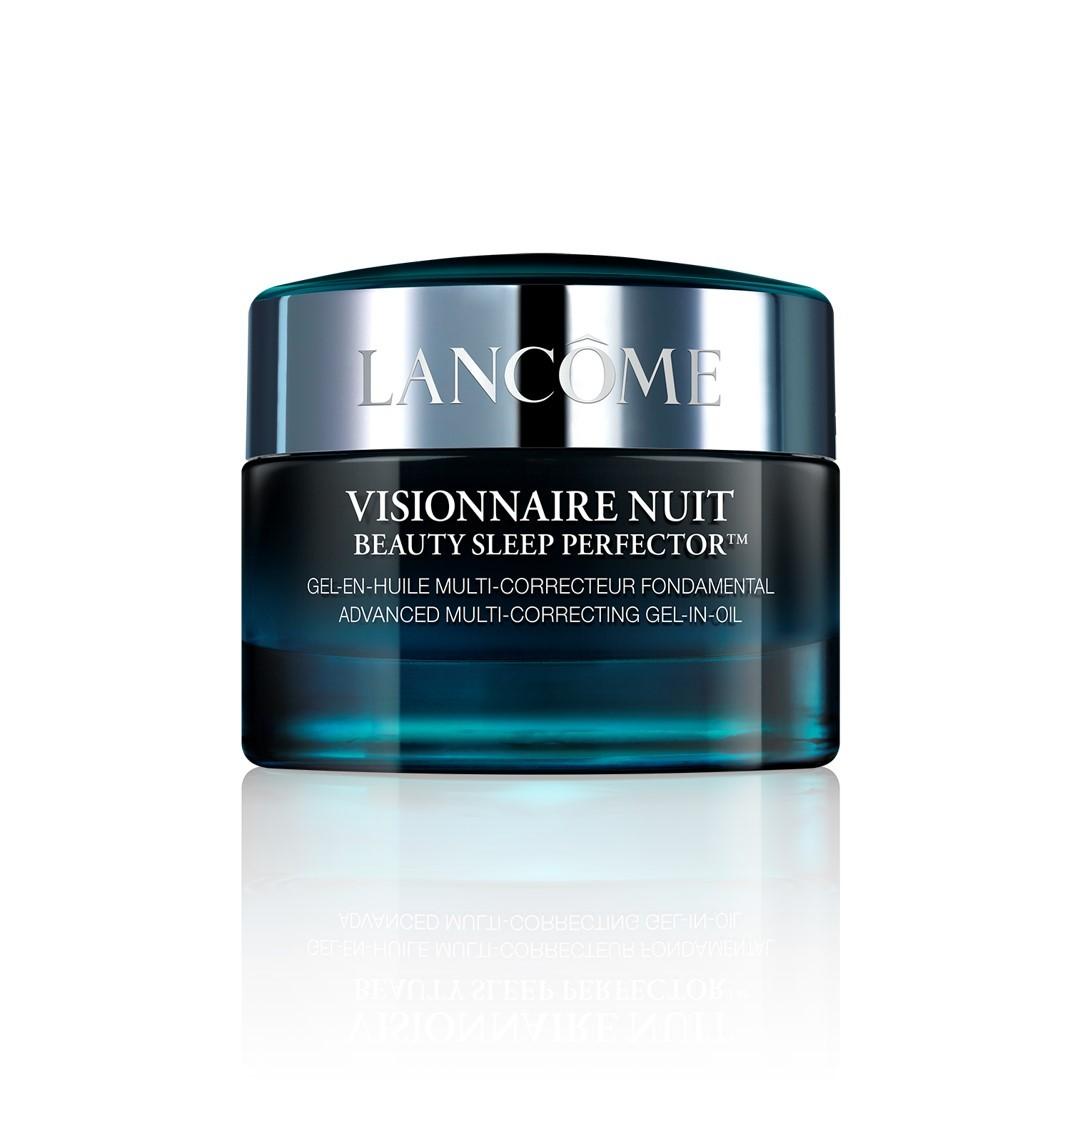 Lancôme - Visionnaire Nuit Beauty Sleep Perfector -